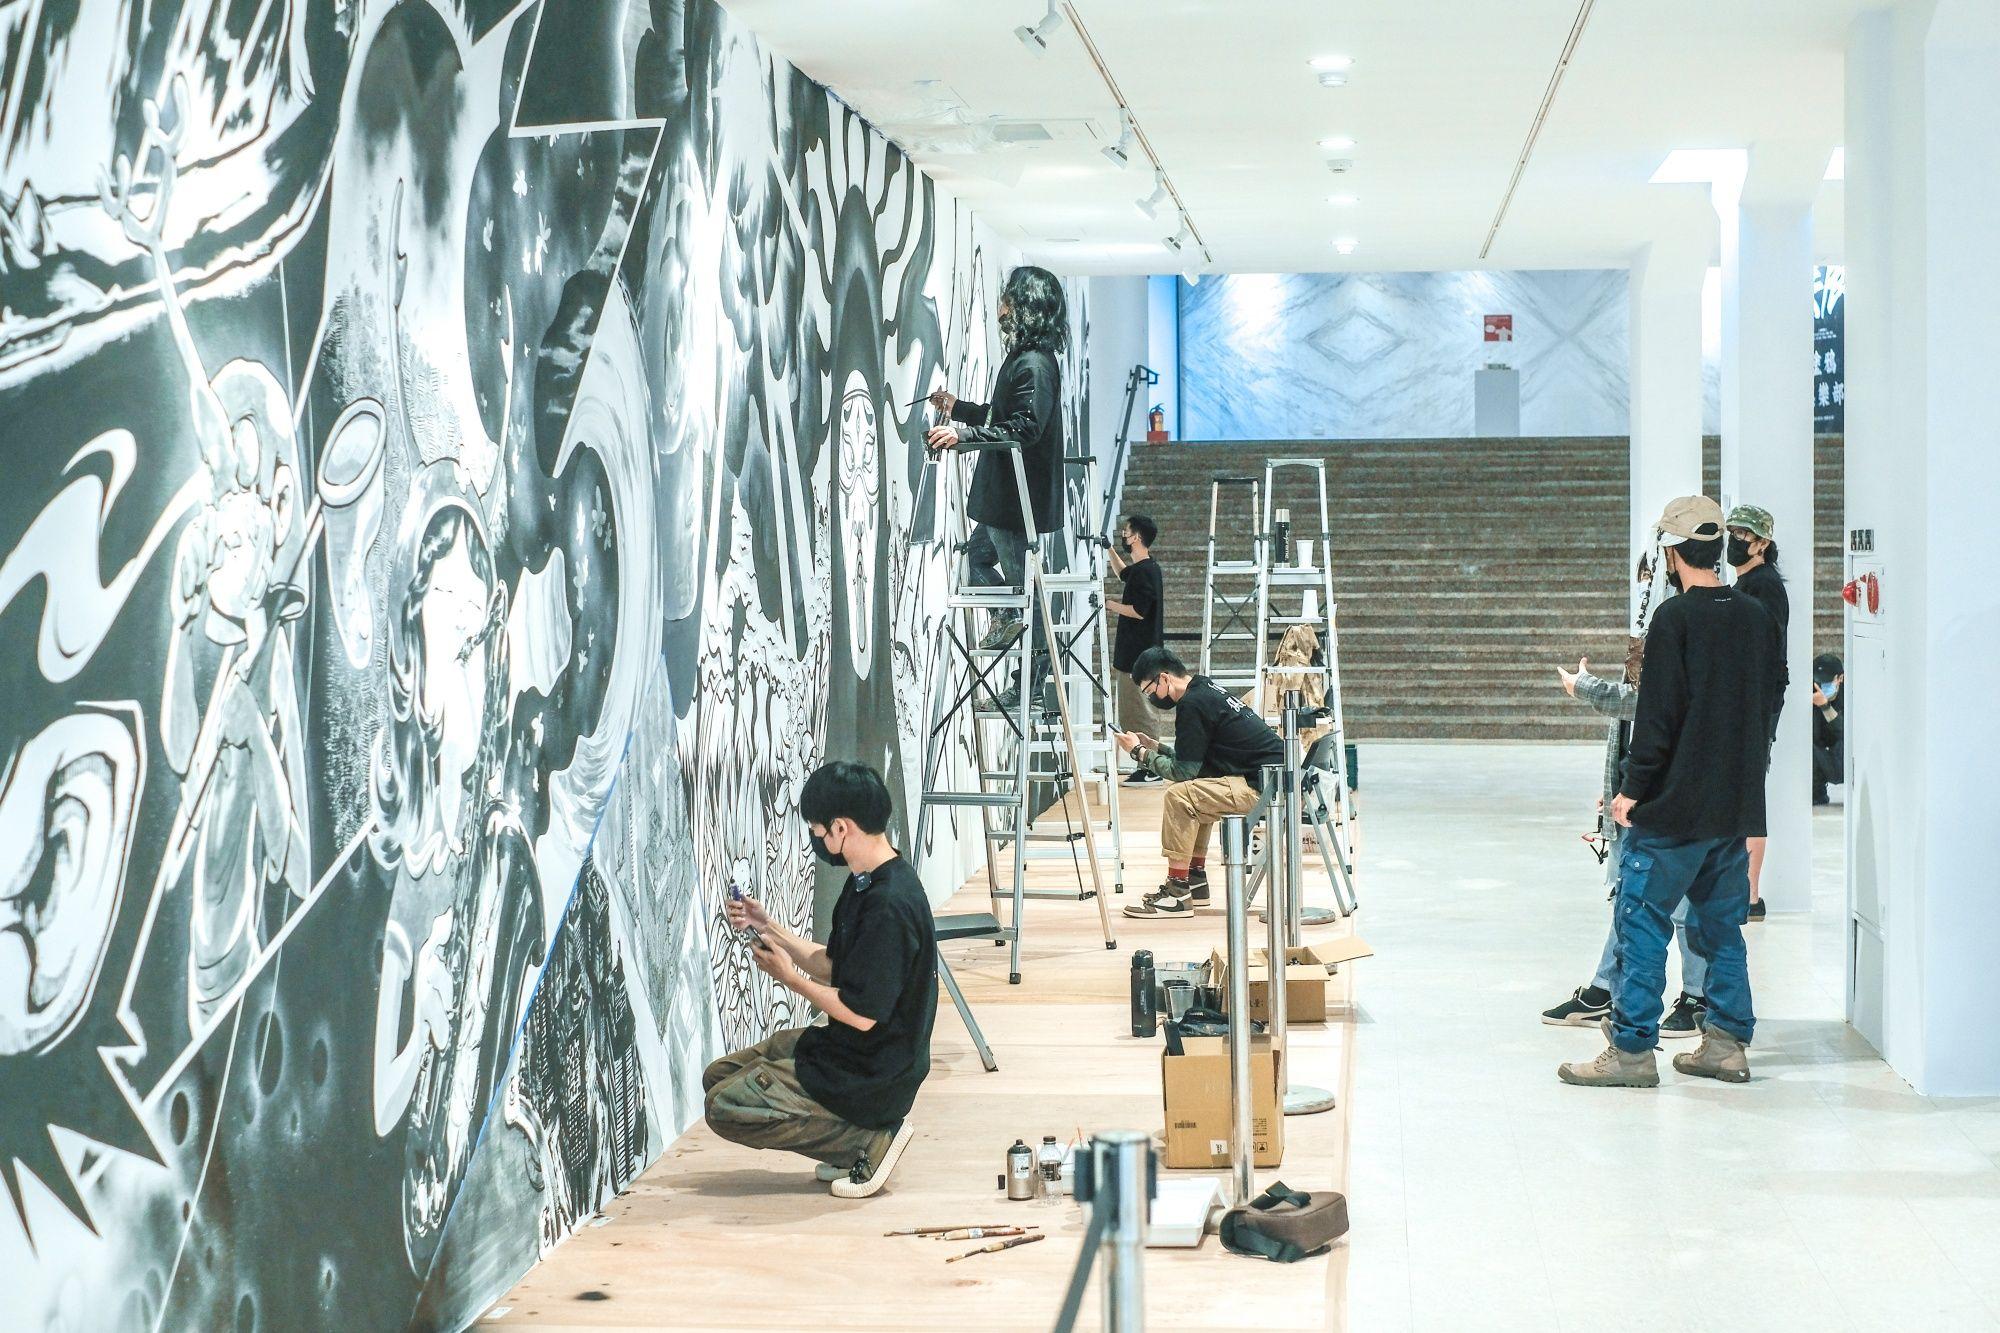 全台最潮展覽!《無限-塗鴉俱樂部》攜手 9 位藝術家創作,大規模展演街頭塗鴉!